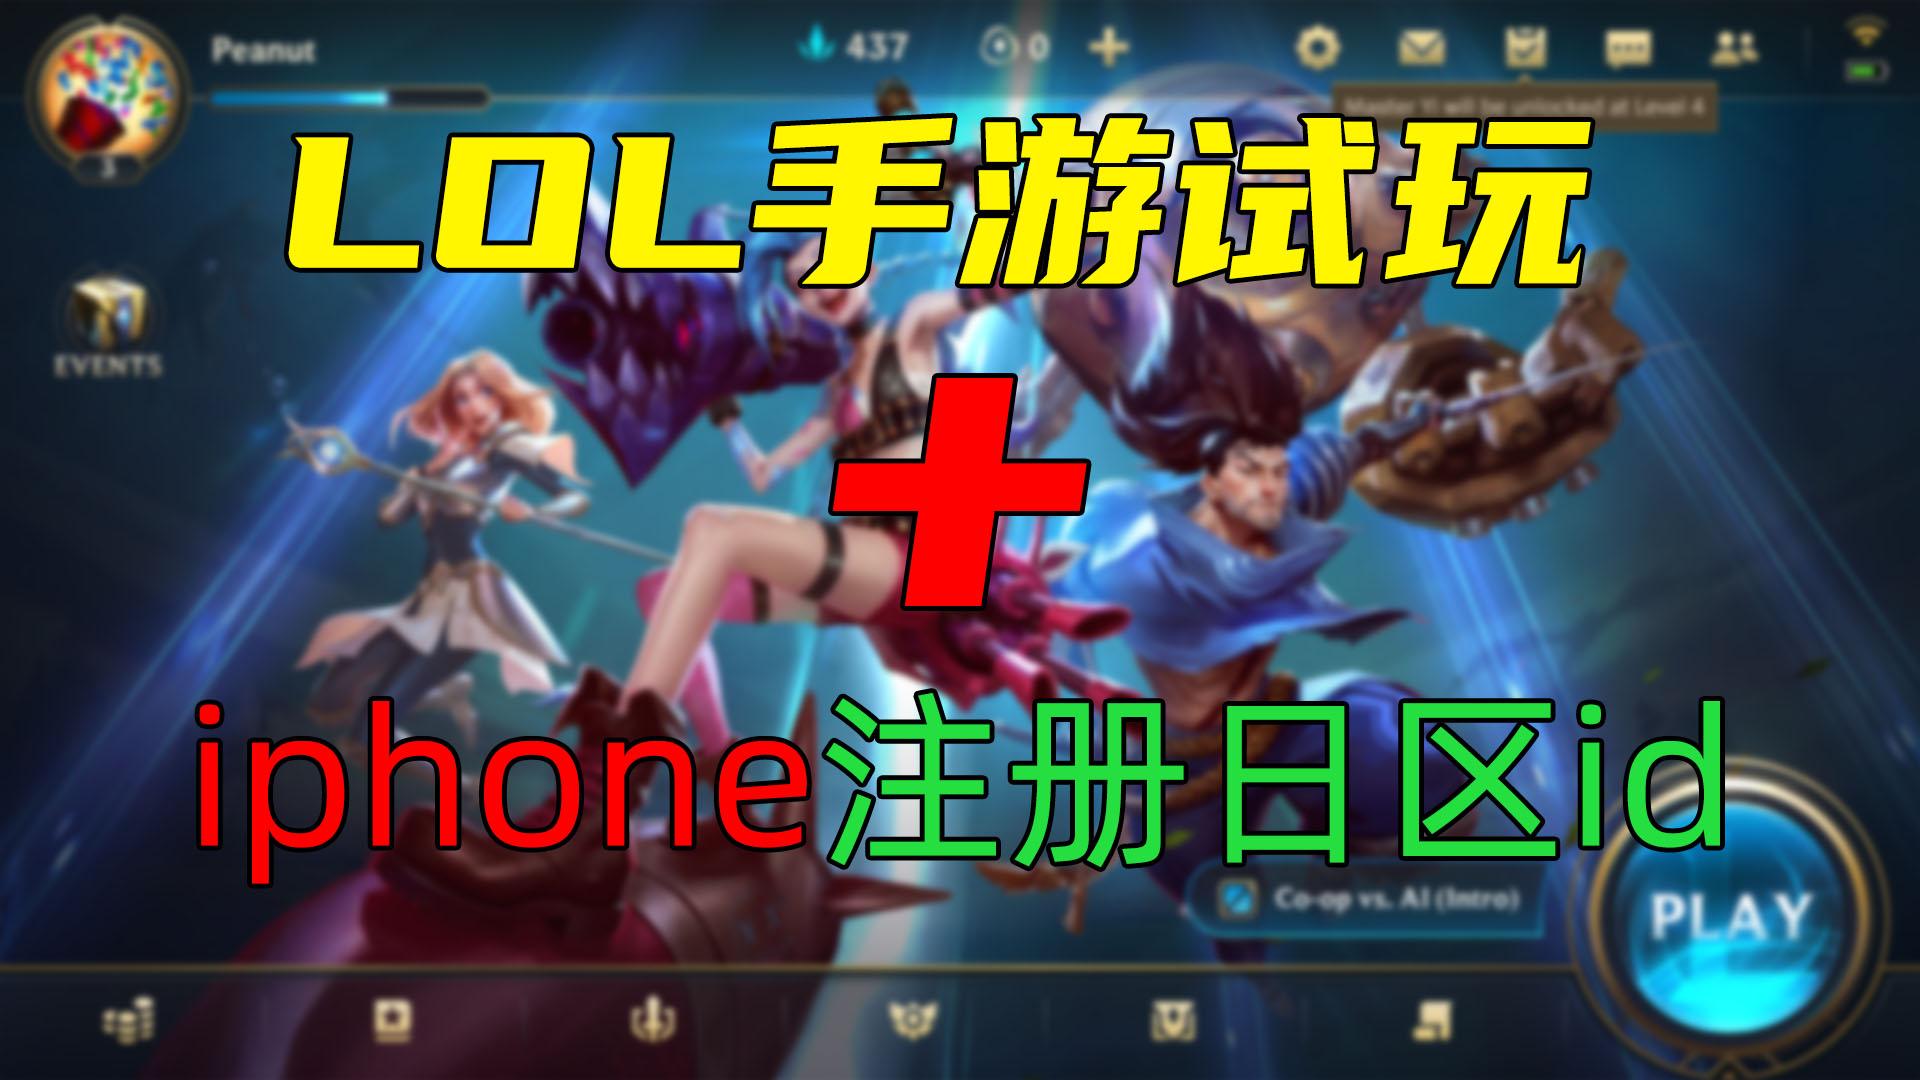 英雄联盟LOL手游试玩视频,另附苹果手机注册日区apple id教程